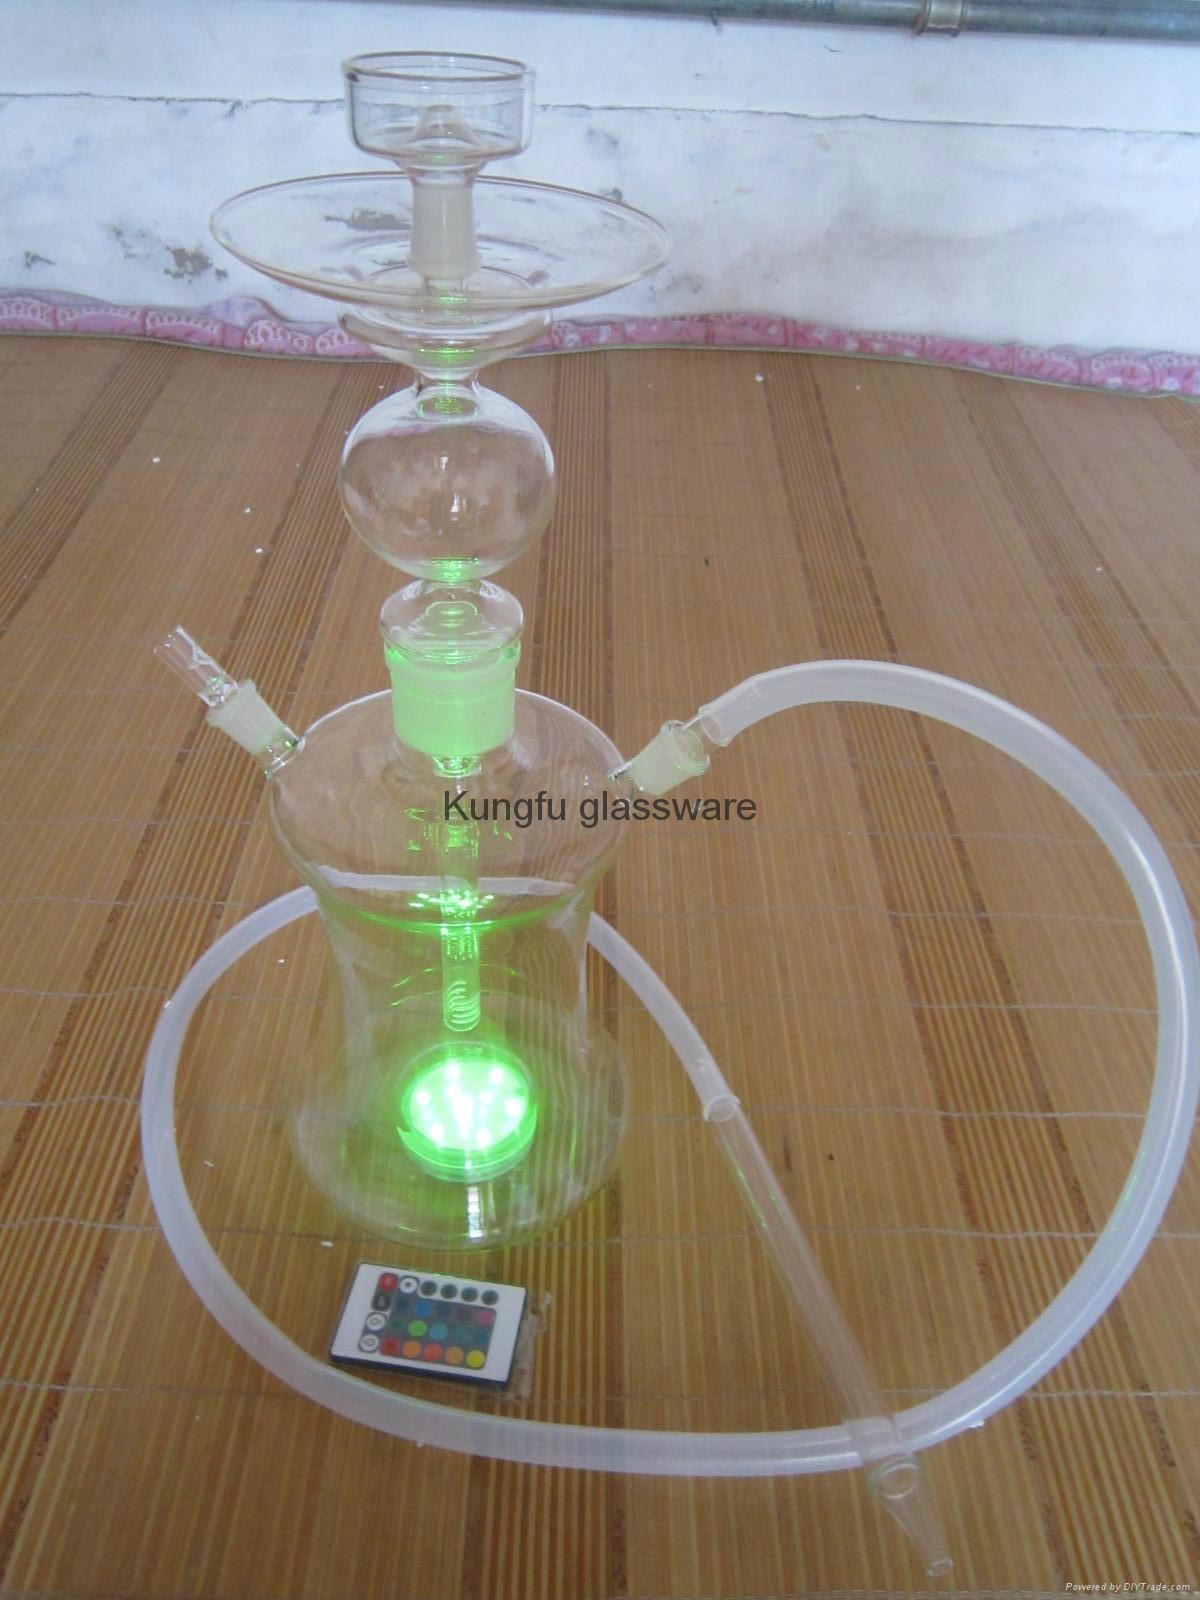 带变色led灯的俄罗斯玻璃艺术水烟 1